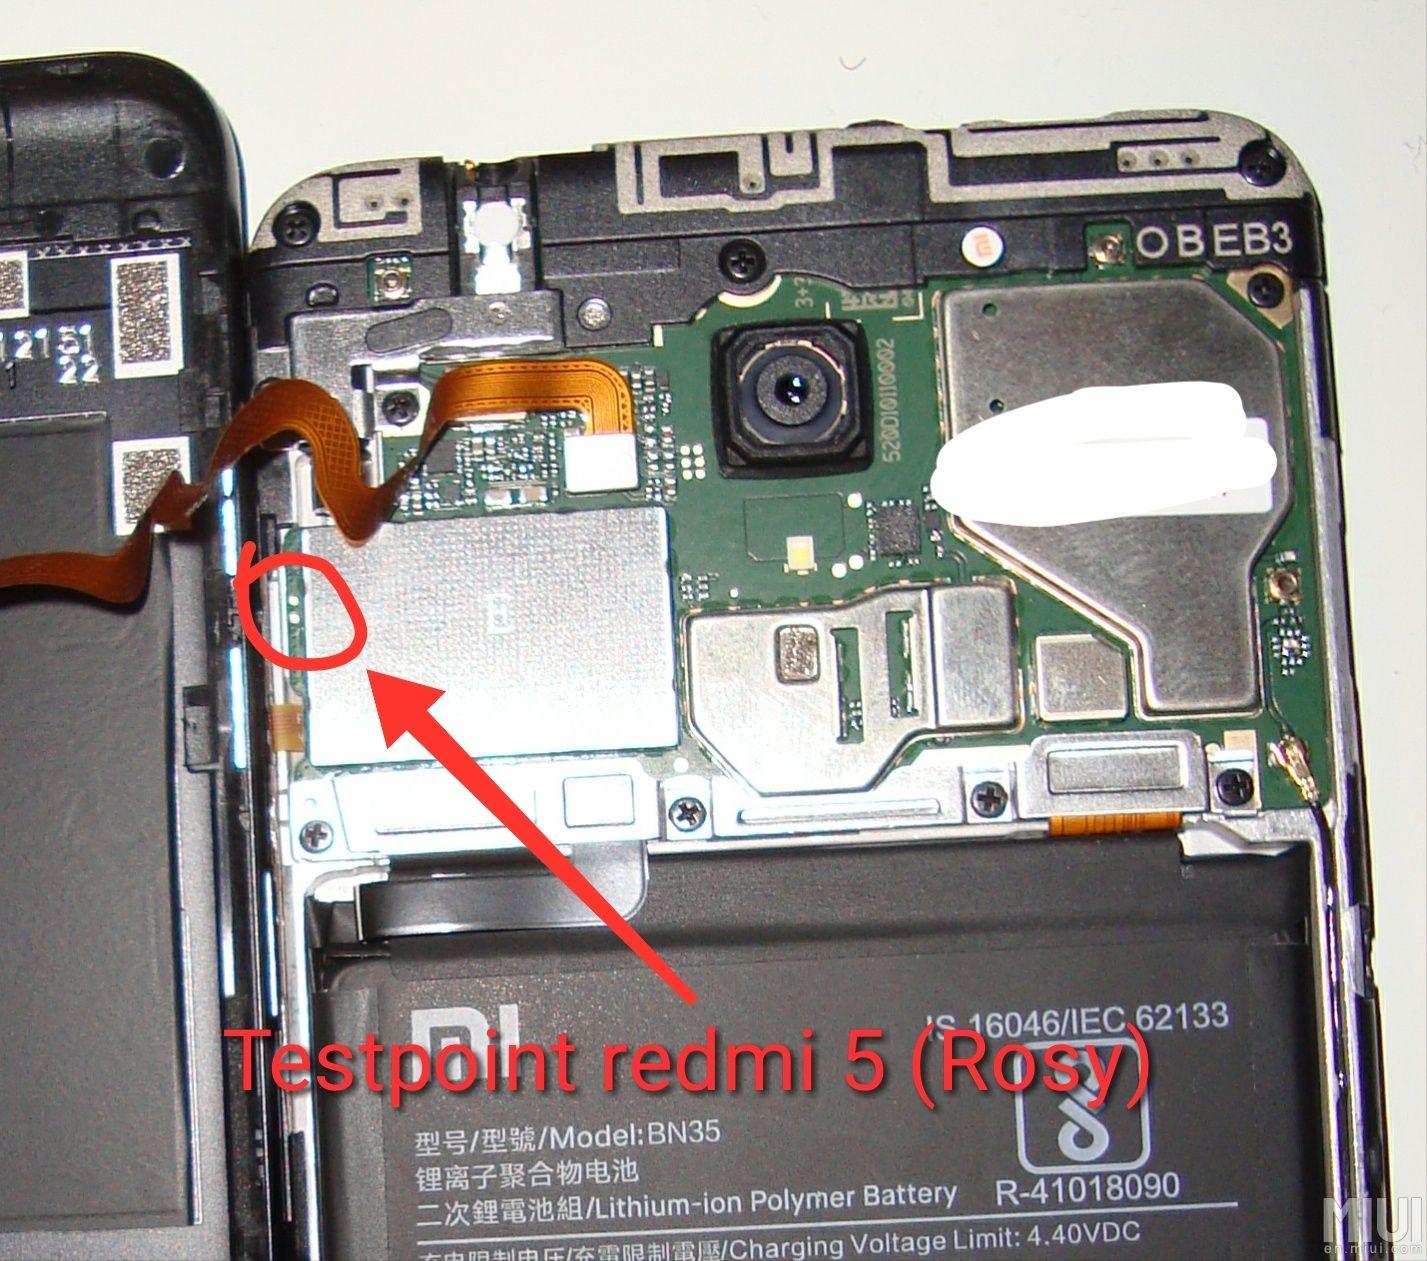 تجاوز قفل frp لجهاز xiaomi redmi 5